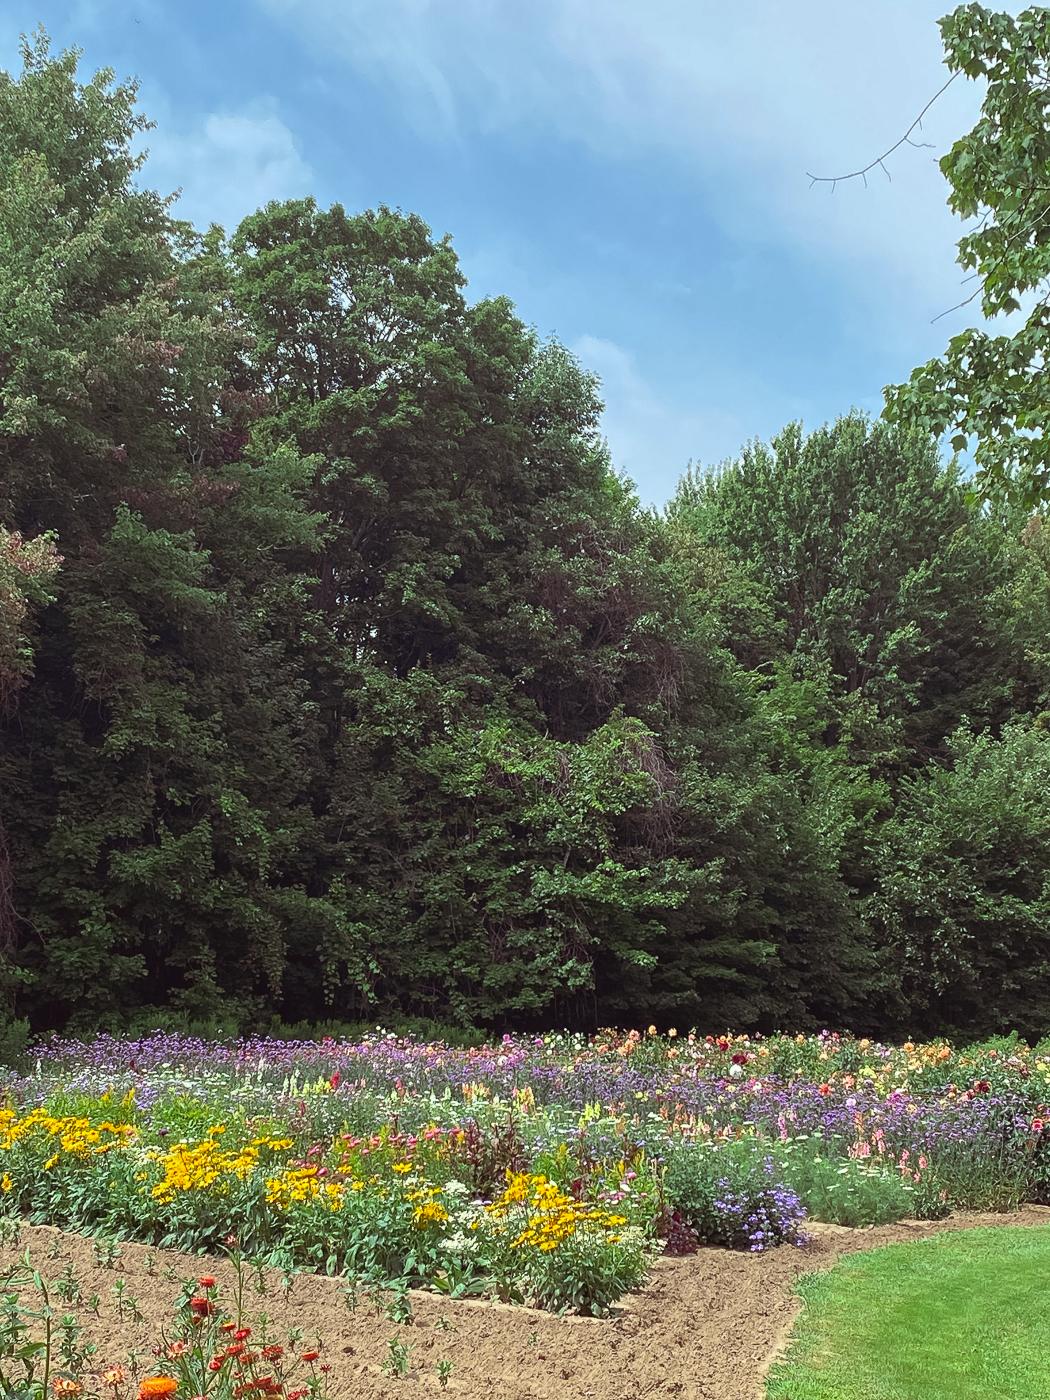 summer garden flowers, blooming flowers, summer flowers that bloom